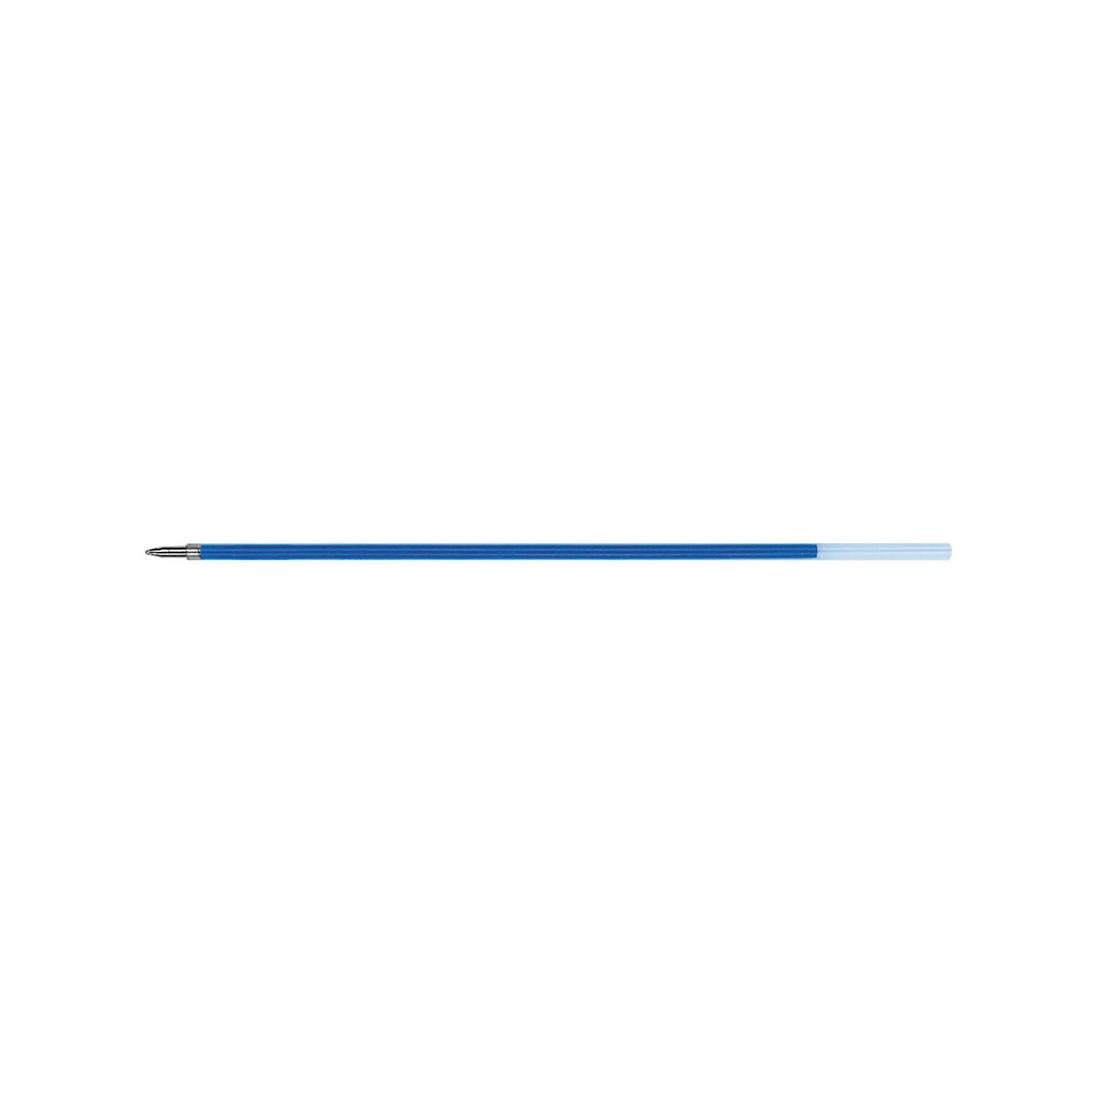 Стержень шариковый ErichKrause для ручек R-301 (140мм, Синий)